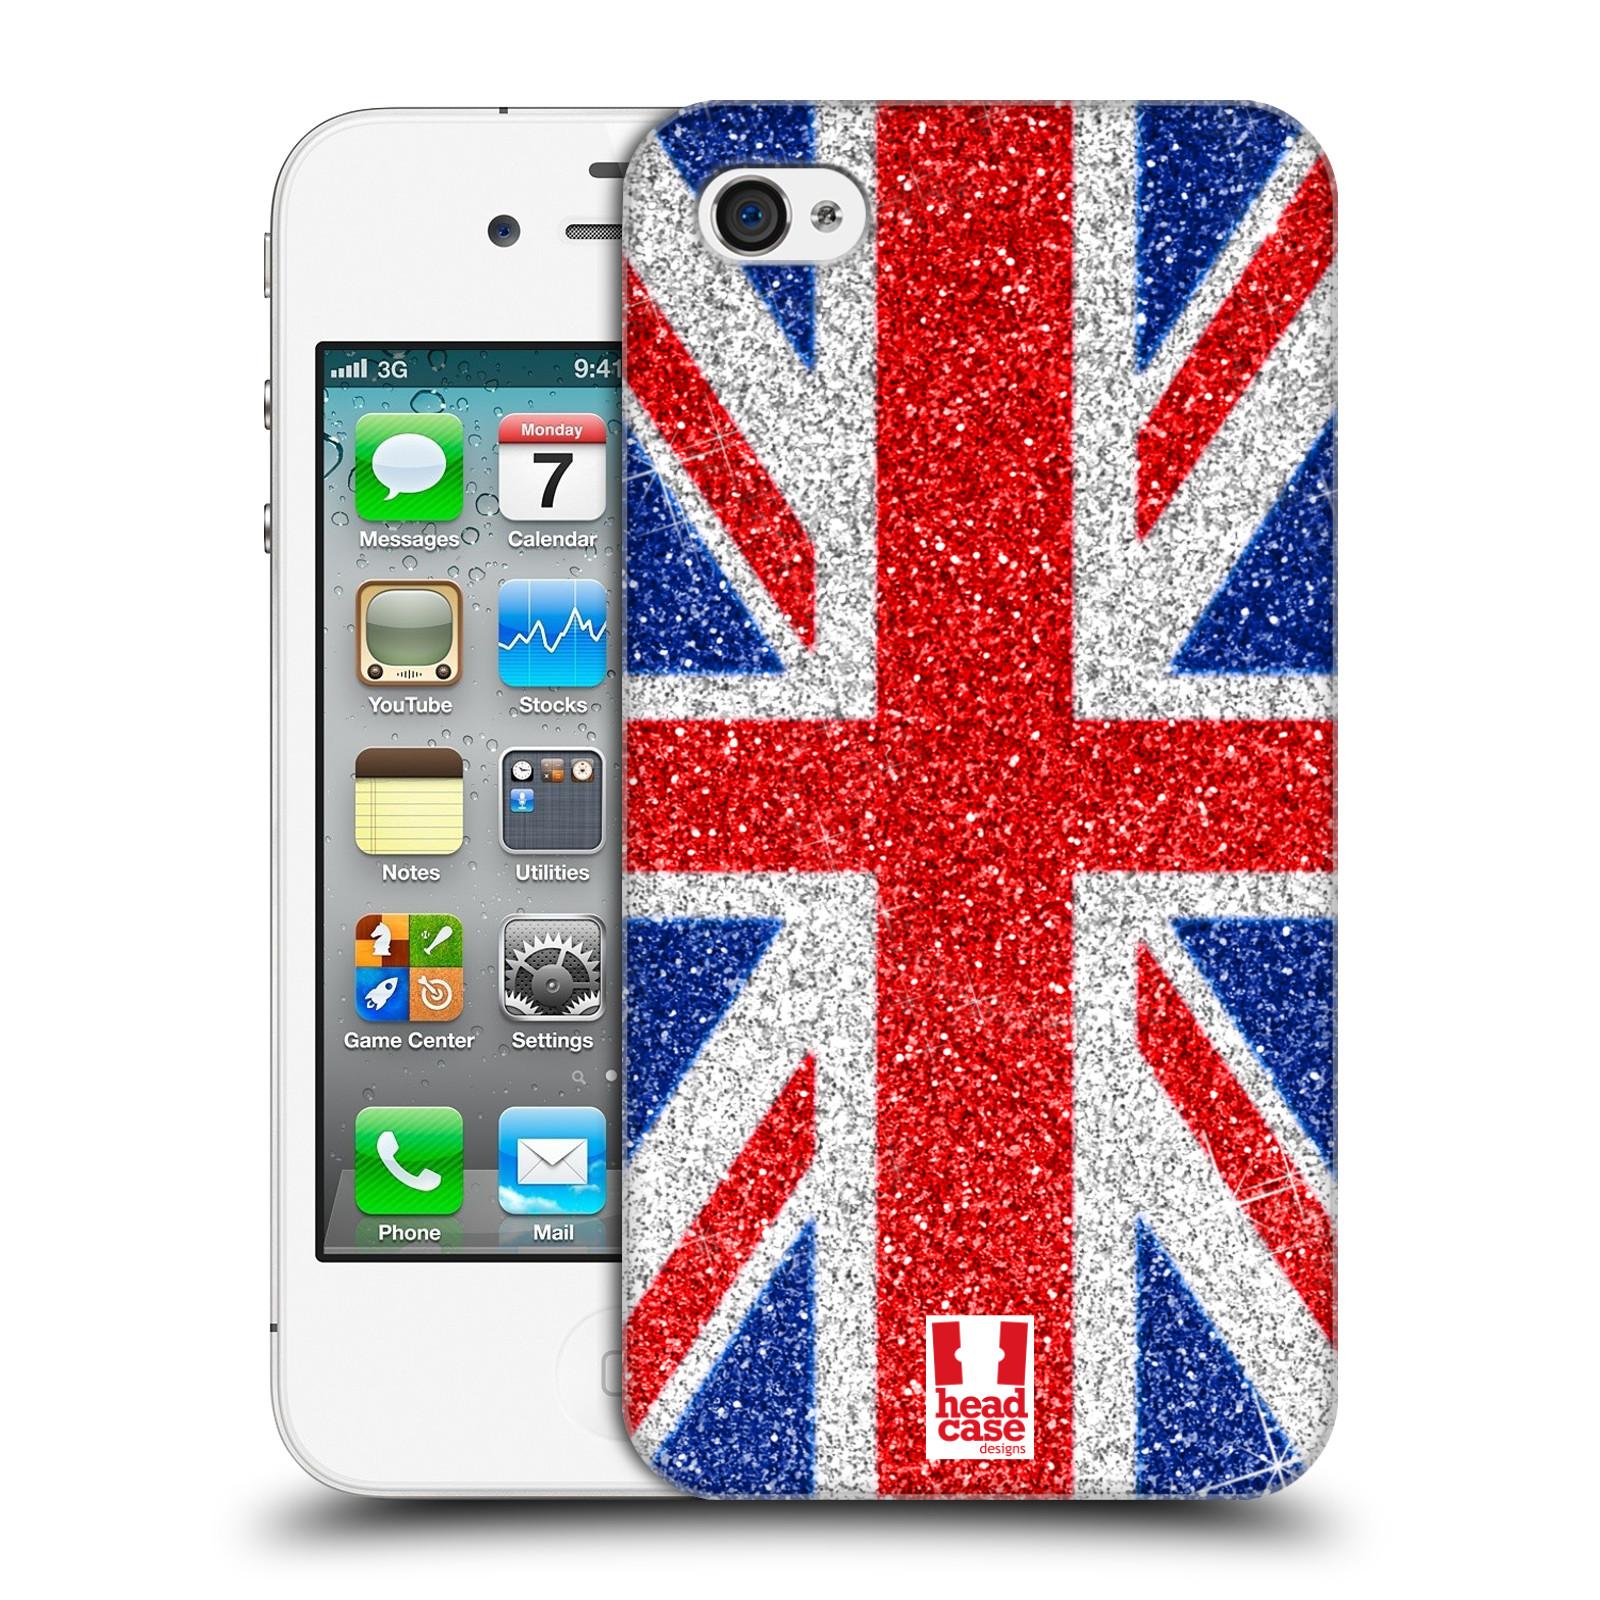 Plastové pouzdro na mobil Apple iPhone 4 a 4S HEAD CASE UNION GLITTER (Kryt či obal na mobilní telefon Apple iPhone 4 a 4S)